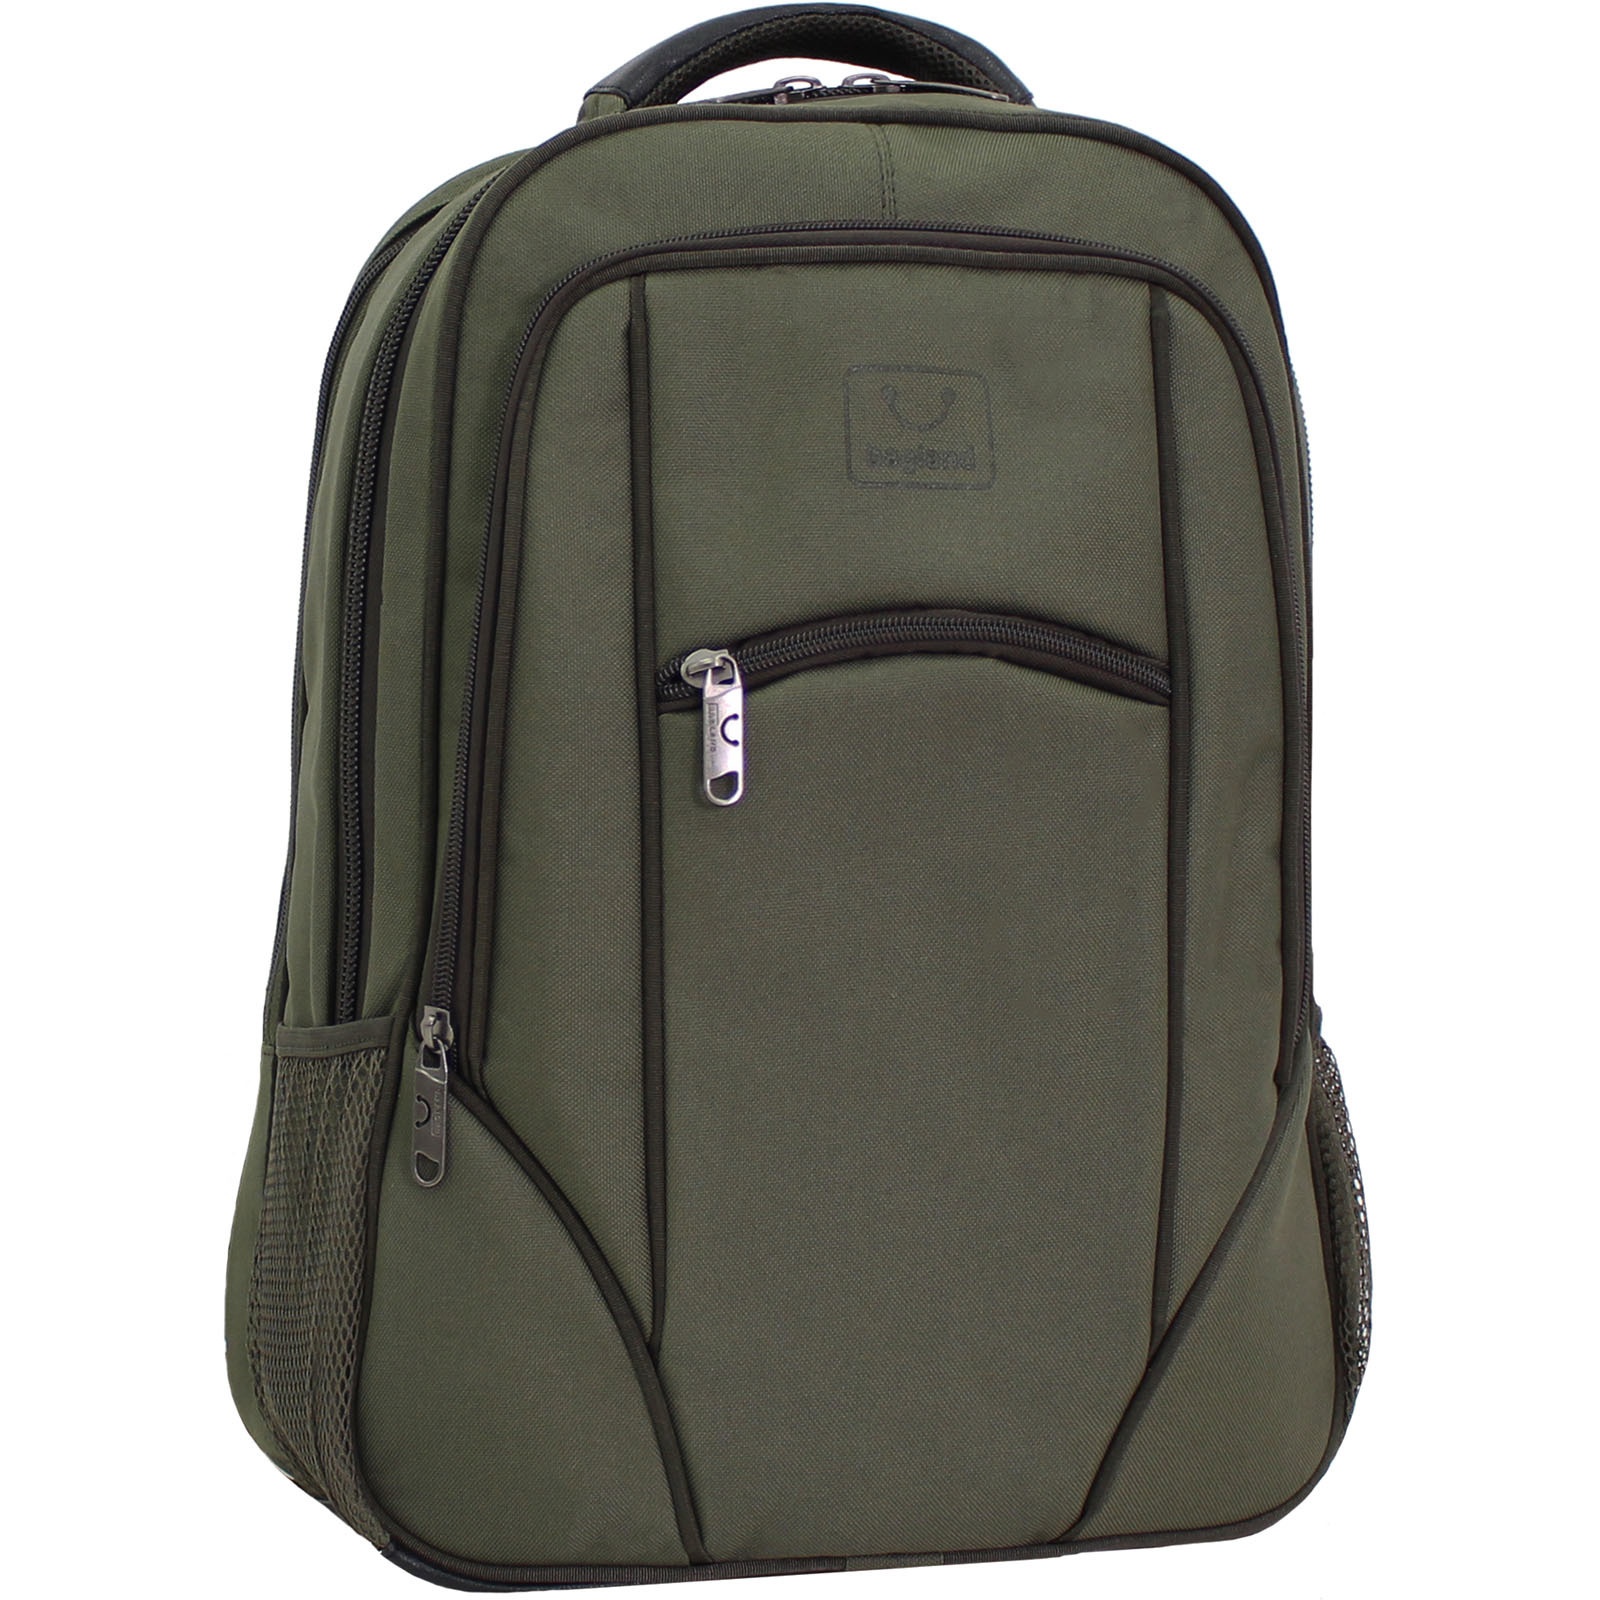 Рюкзаки для ноутбука Рюкзак для ноутбука Bagland Рюкзак под ноутбук 537 21 л. Хаки (0053766) IMG_9989.JPG